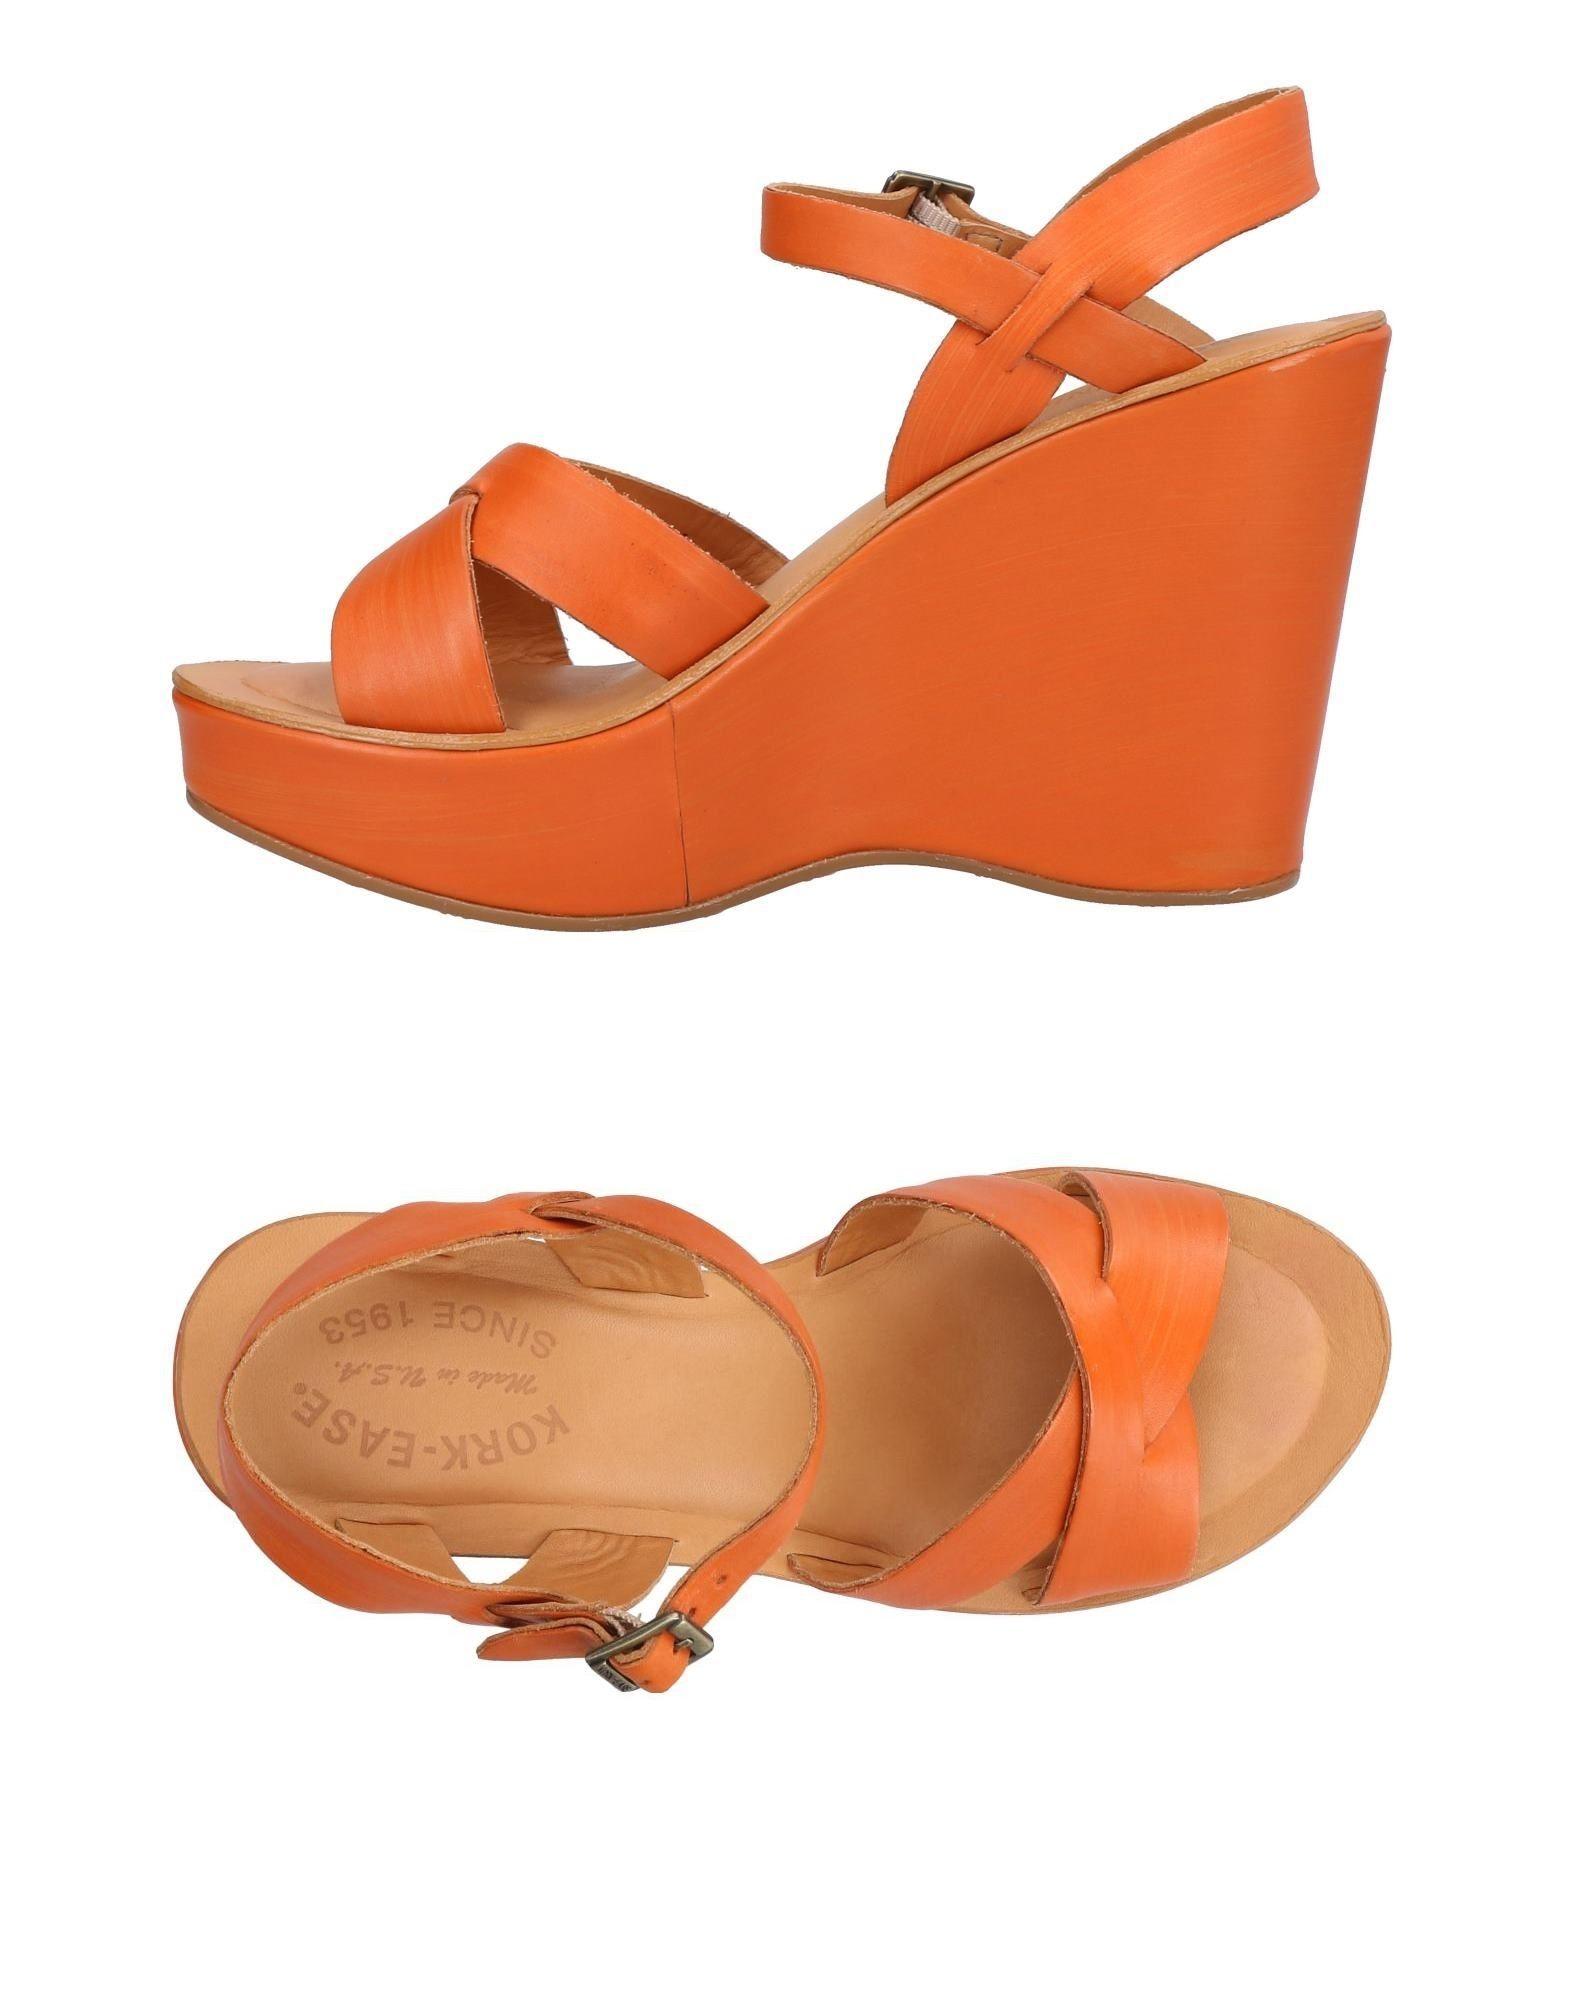 KORK-EASE Sandals in Orange